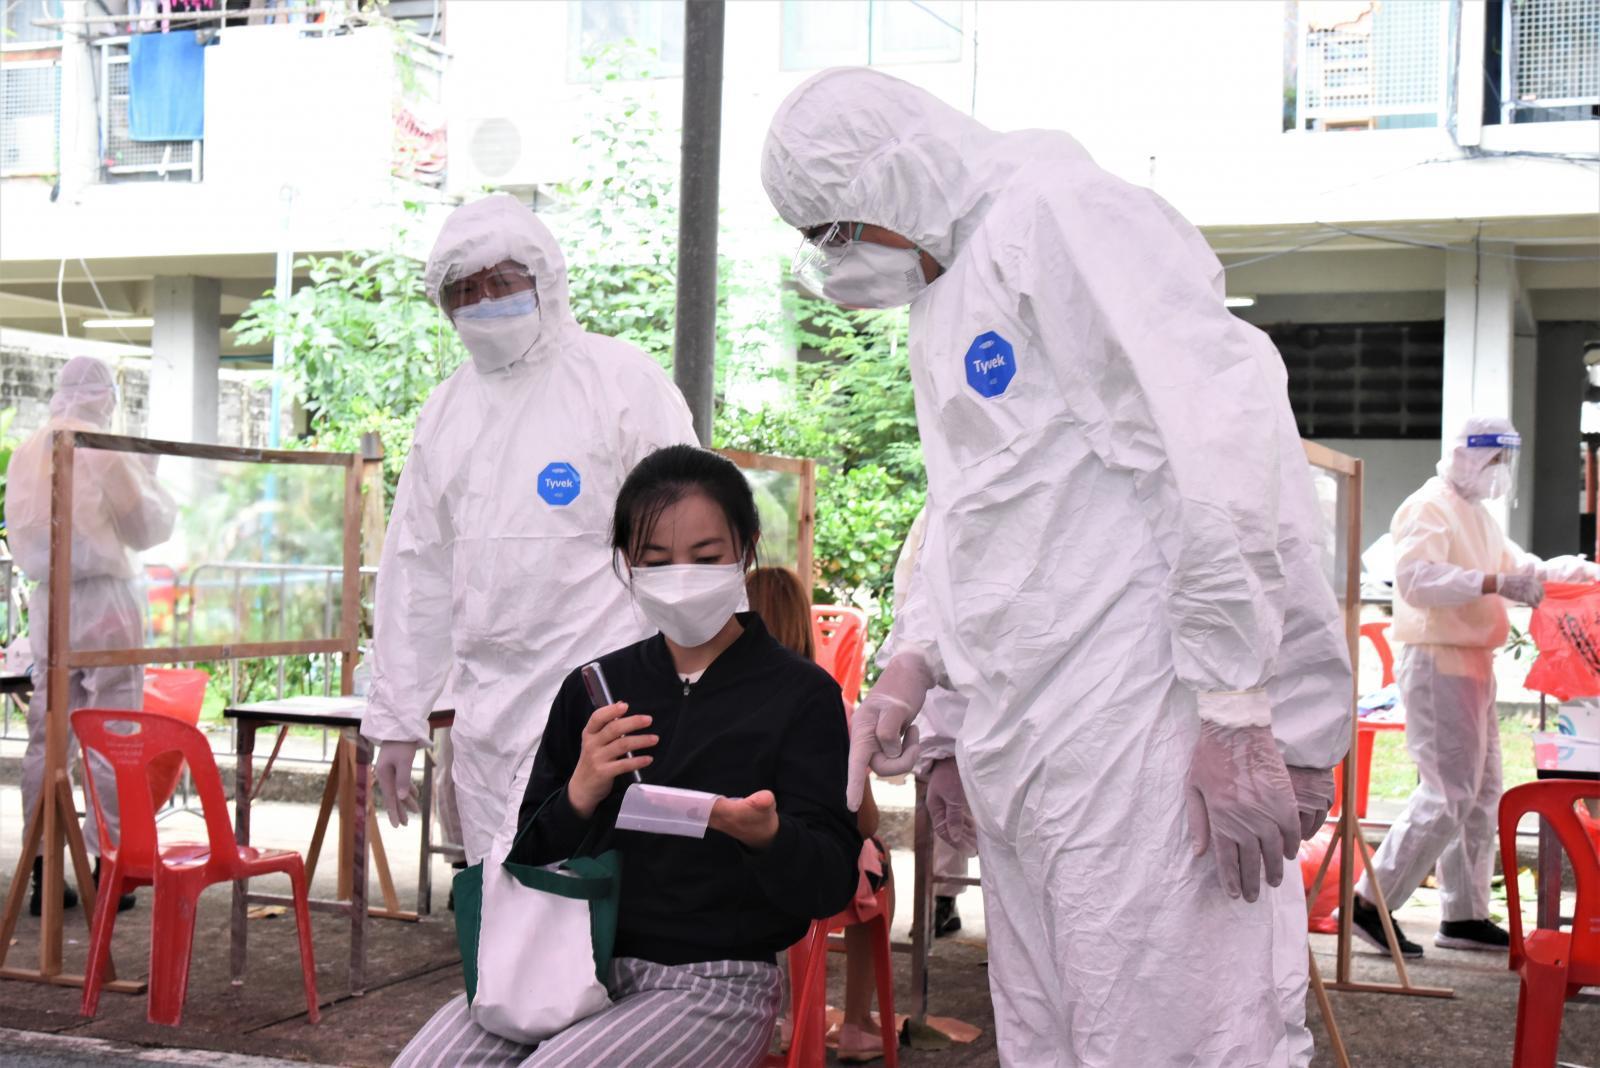 ผบ.ตร. สวม PPE ตรวจเยี่ยมให้กำลังใจหน่วยคัดกรอง พร้อมมอบอุปกรณ์-อาหารทีมแพทย์